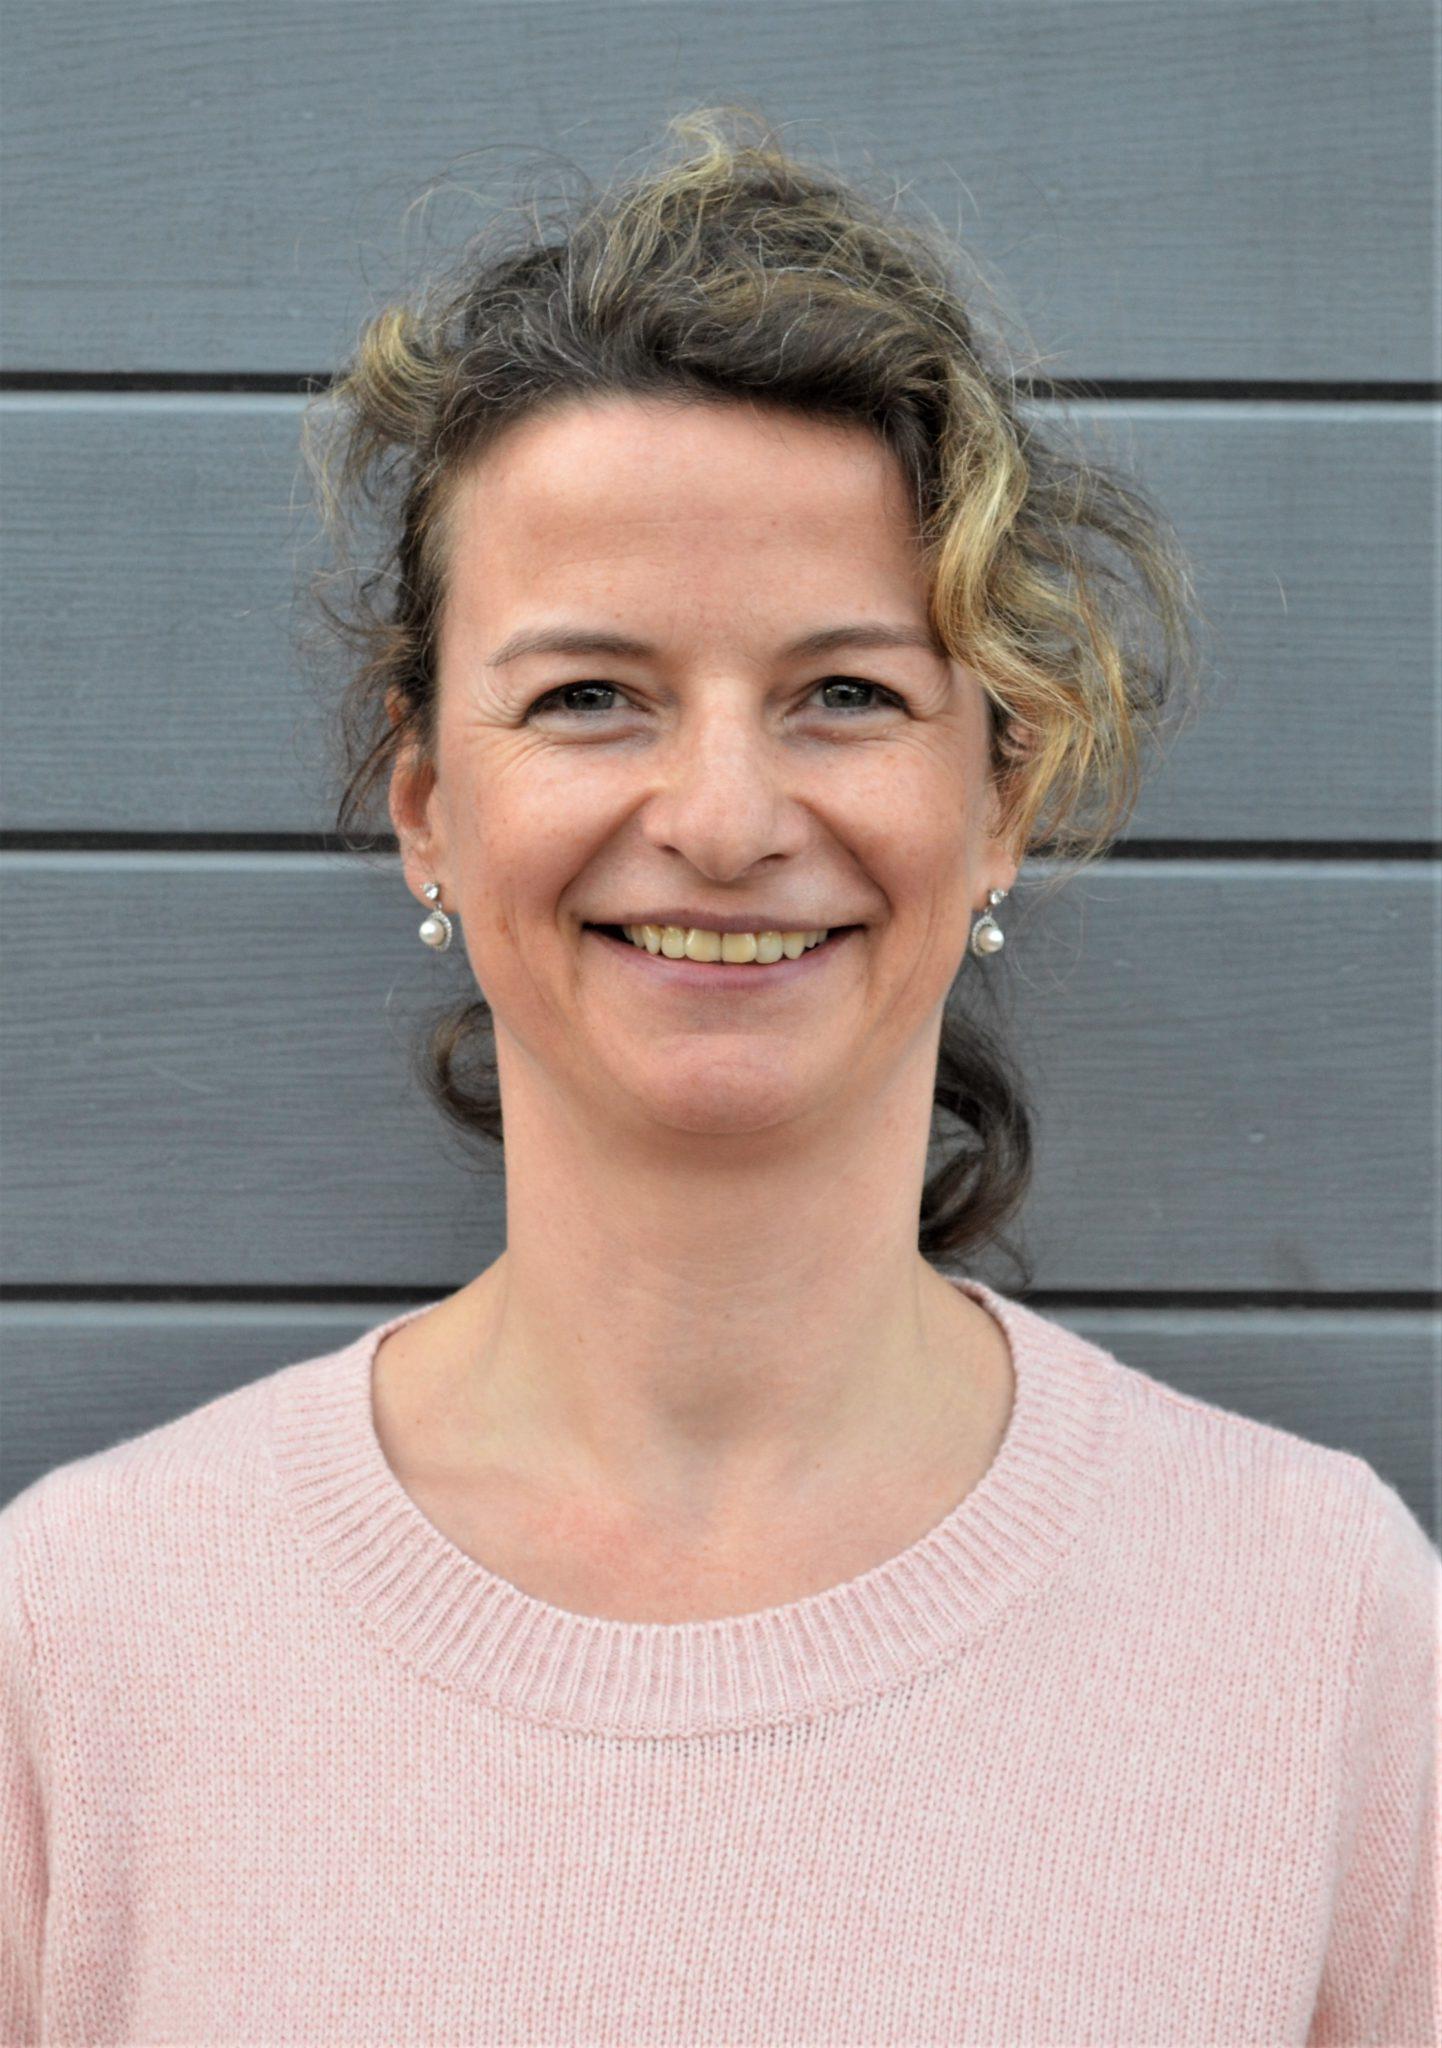 Karen Leper